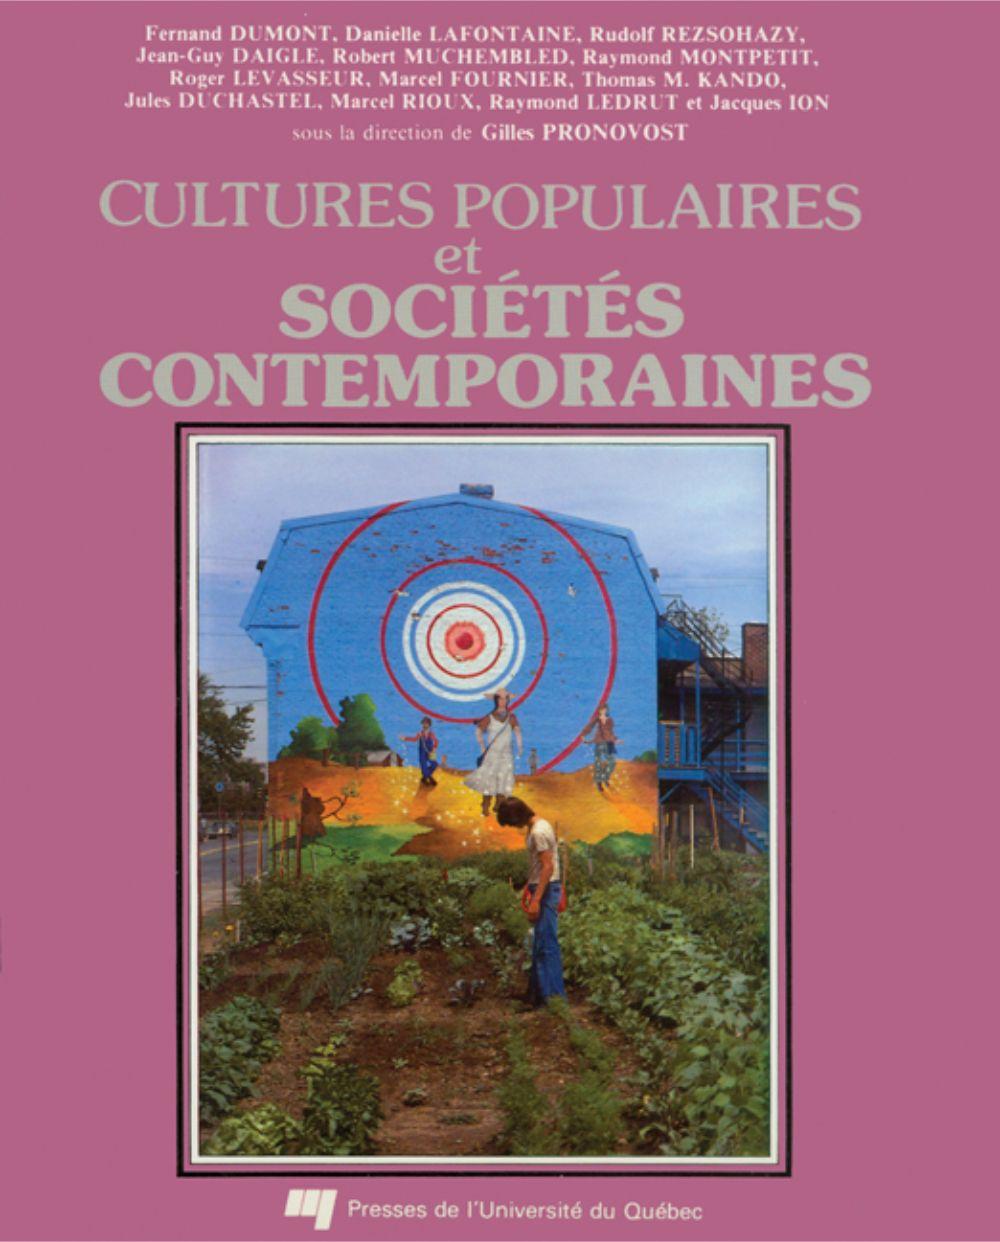 Culture populaire et sociétés contemporaines